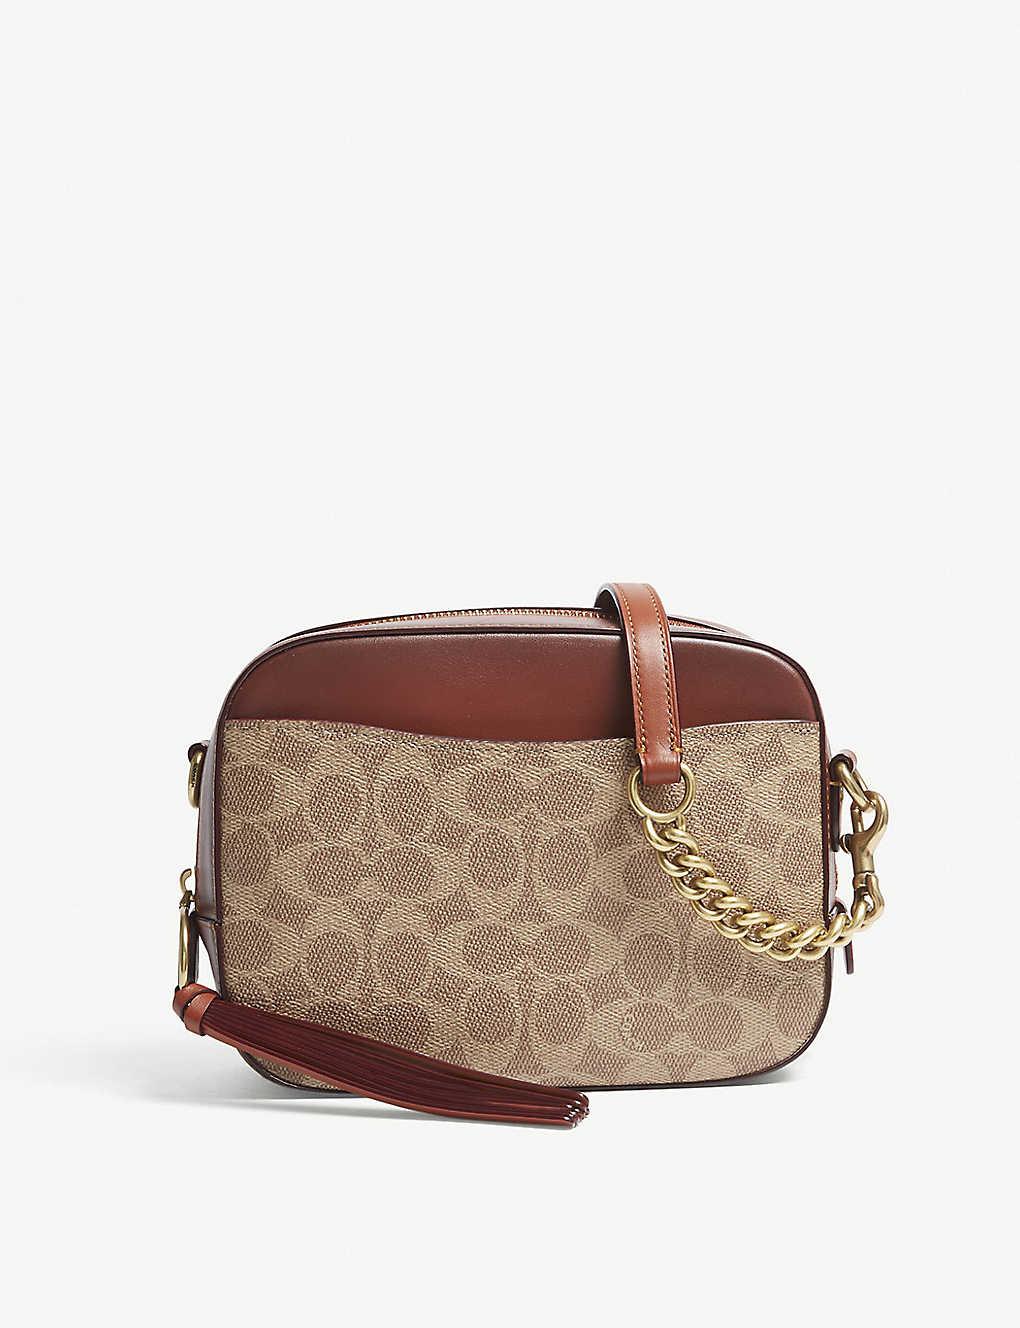 64e57e5be COACH - Signature leather camera cross-body bag   Selfridges.com